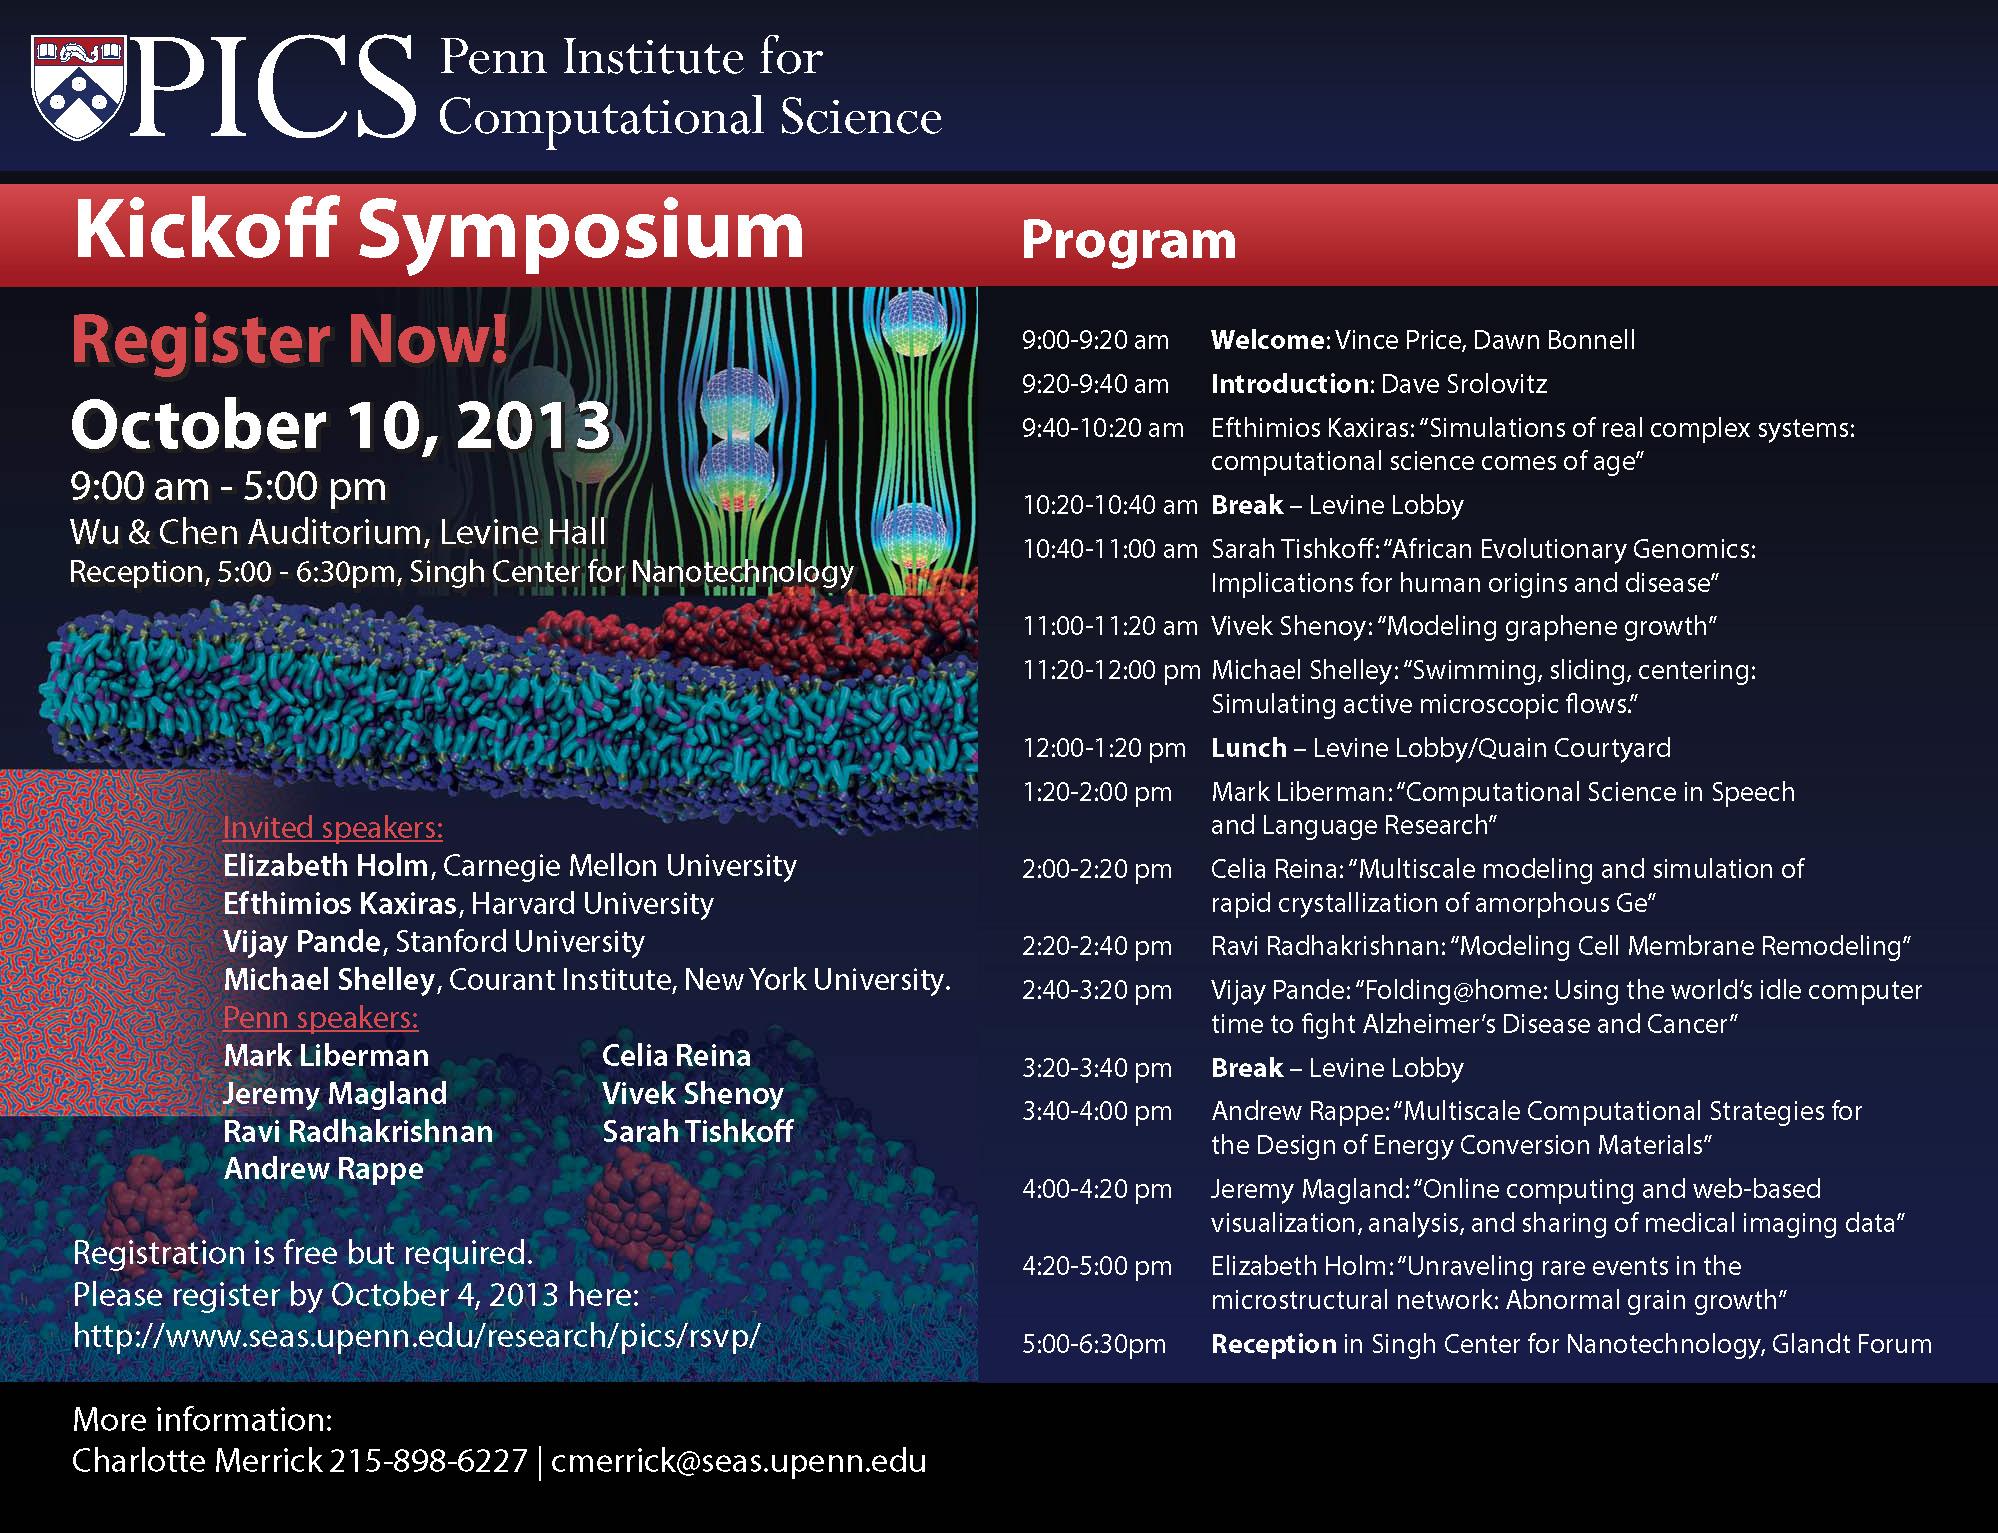 PICS Kickoff Symposium Poster